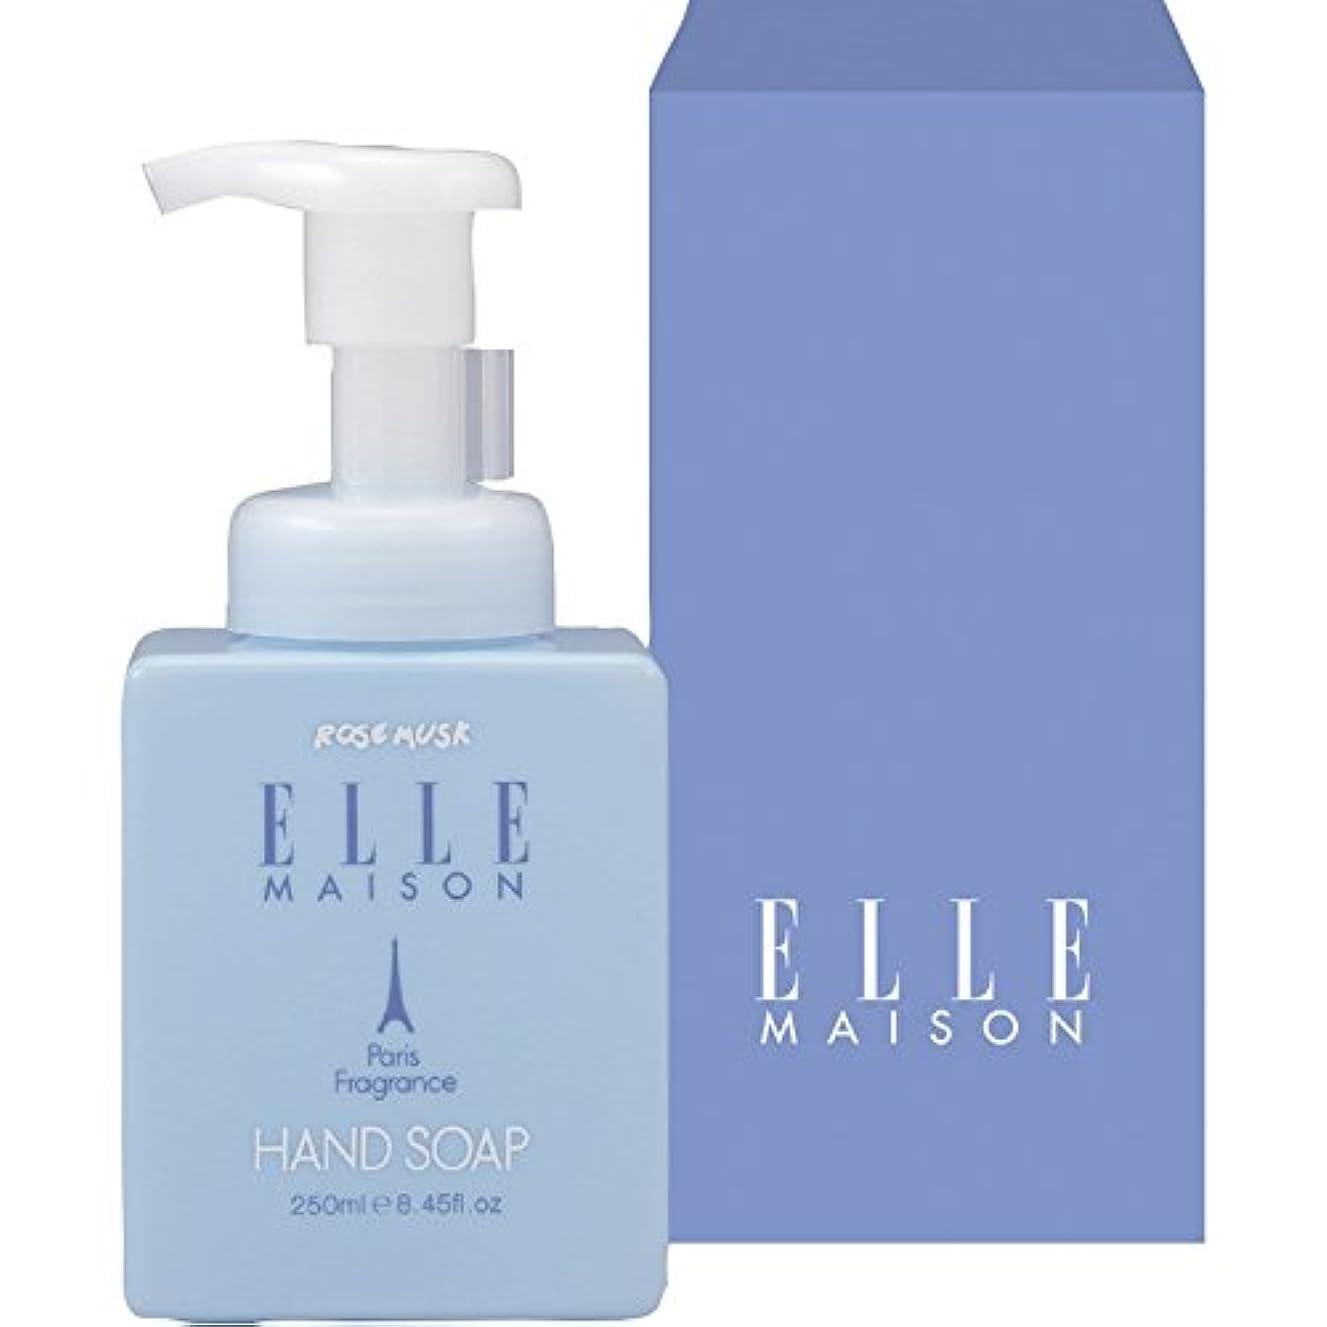 迷彩キネマティクス分割ELLE MAISON 泡で出る薬用ハンドソープ 【こども 手洗い てあらい ボトル ポンプ 泡ででる あわ ワンプッシュ インフルエンザ予防 ウイルス除去 化粧箱入り いい匂い 香り付き 460】